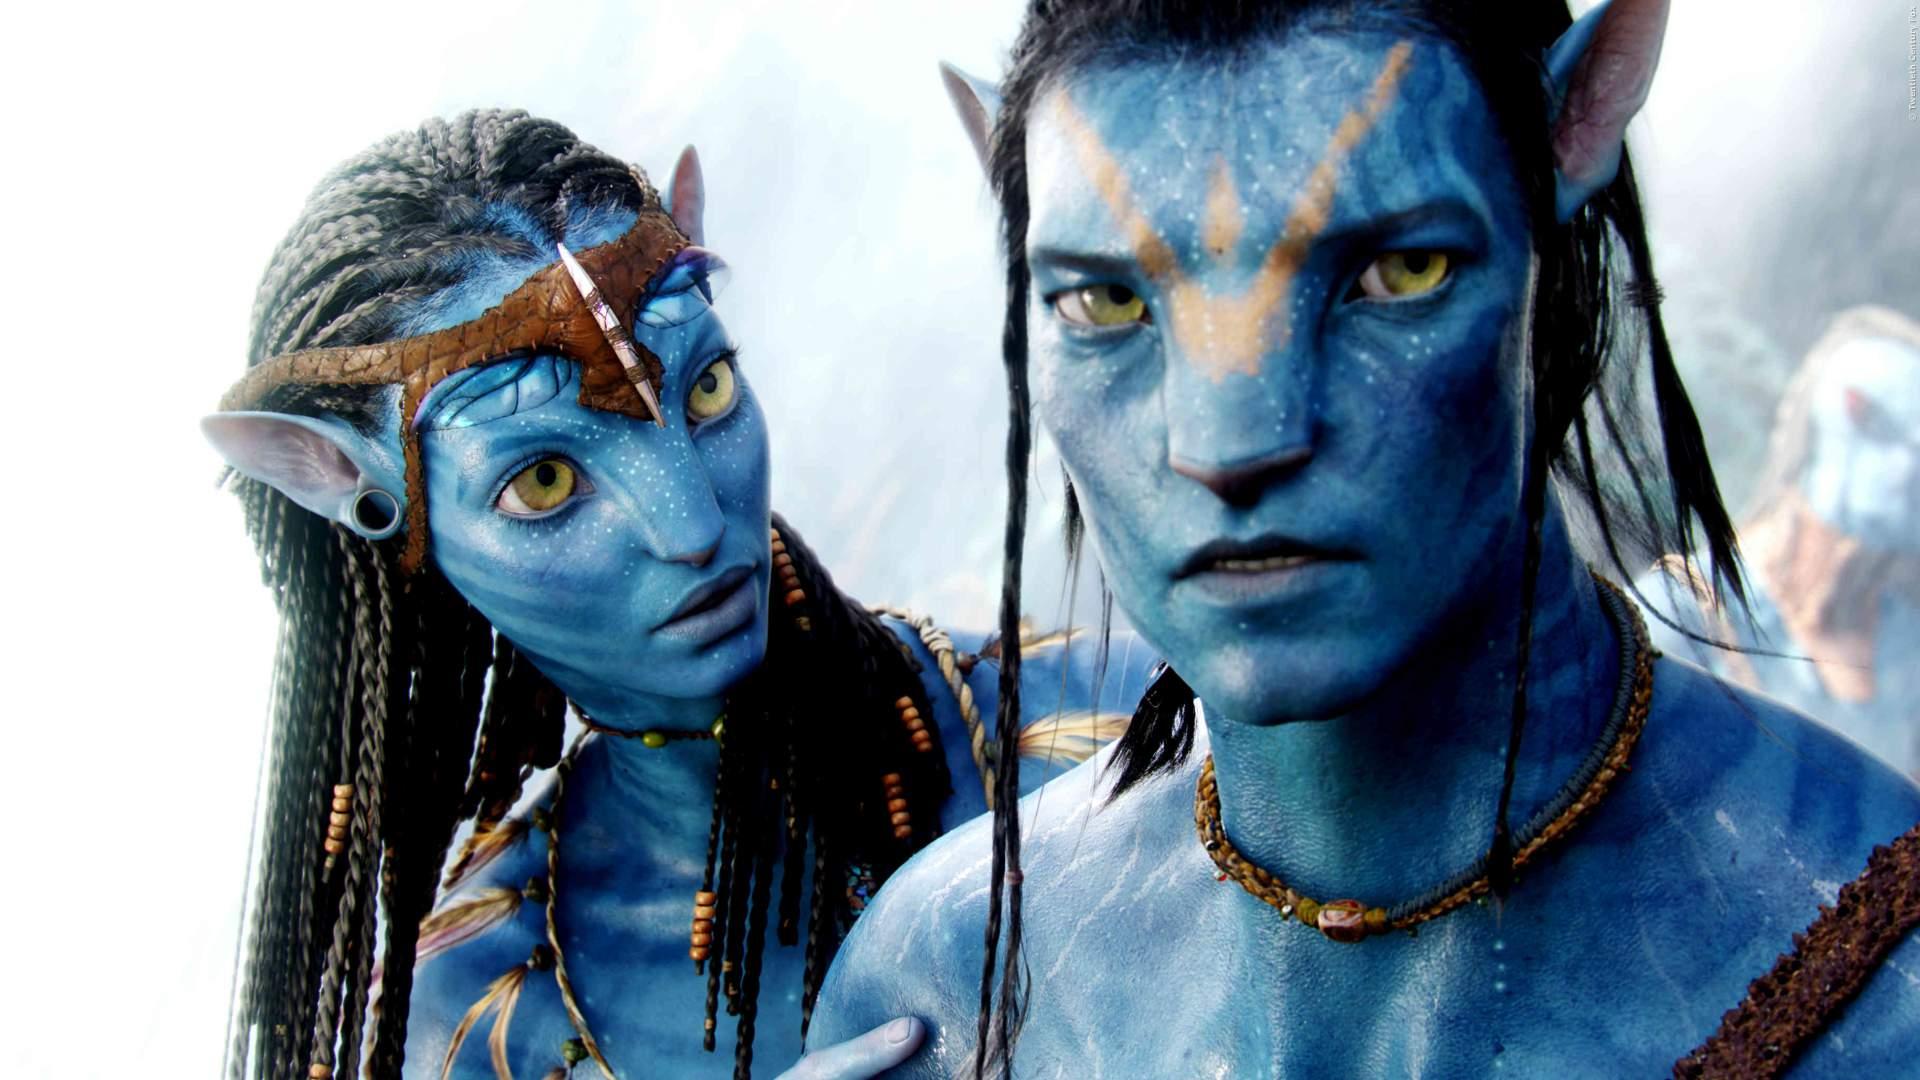 KINO-START: Das neue Datum für 'Avatar 4' - Film kommt später